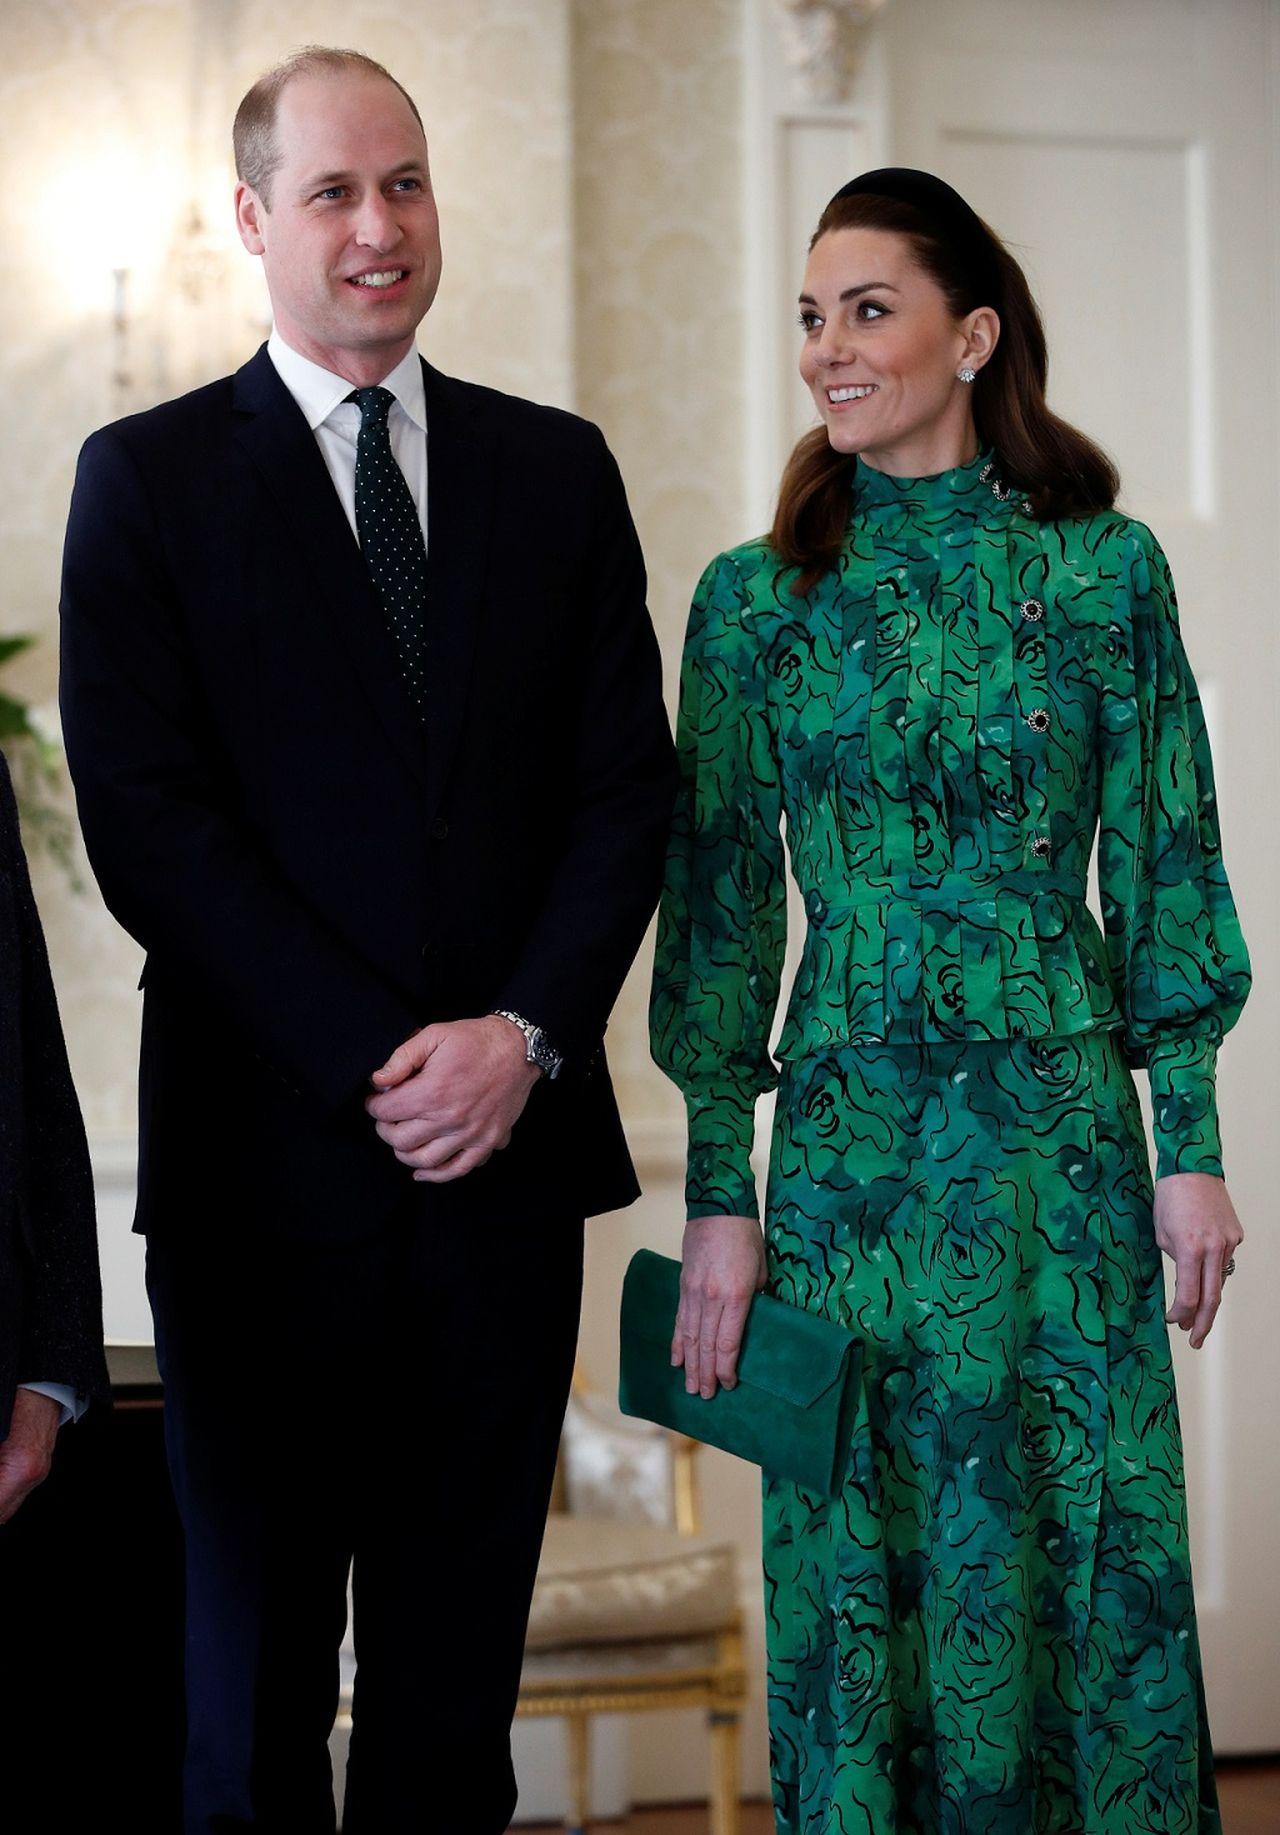 księżę William w garniturze i księżna Kate w zielonej sukience